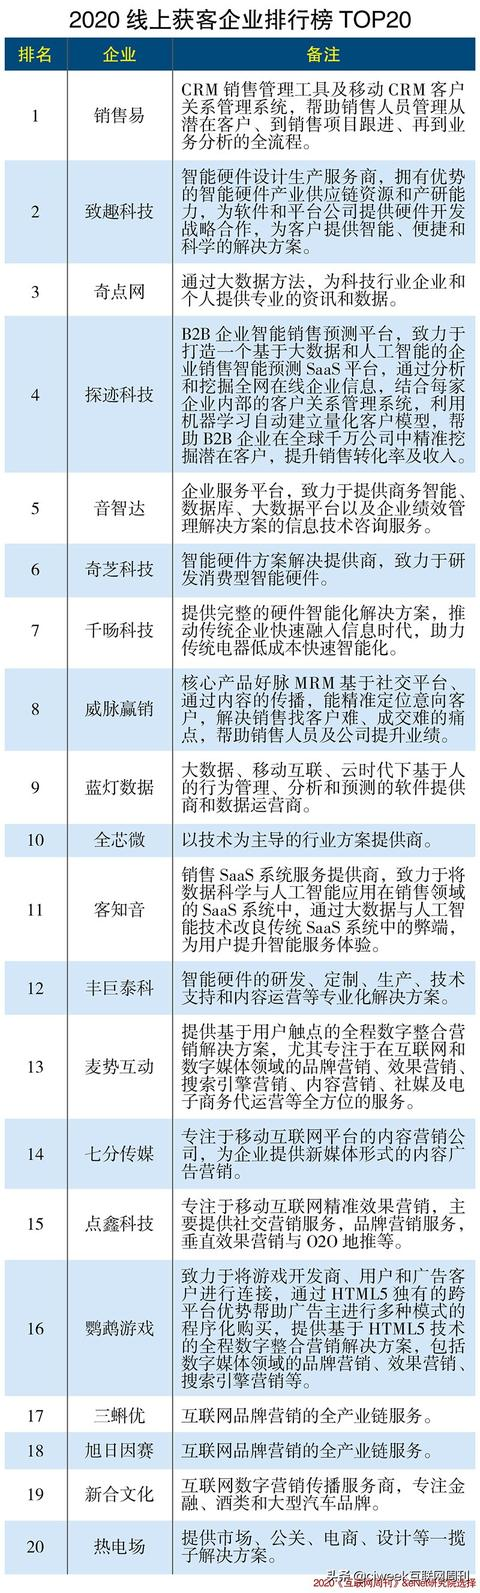 营销推广公司,2020线上获客企业排行榜TOP20